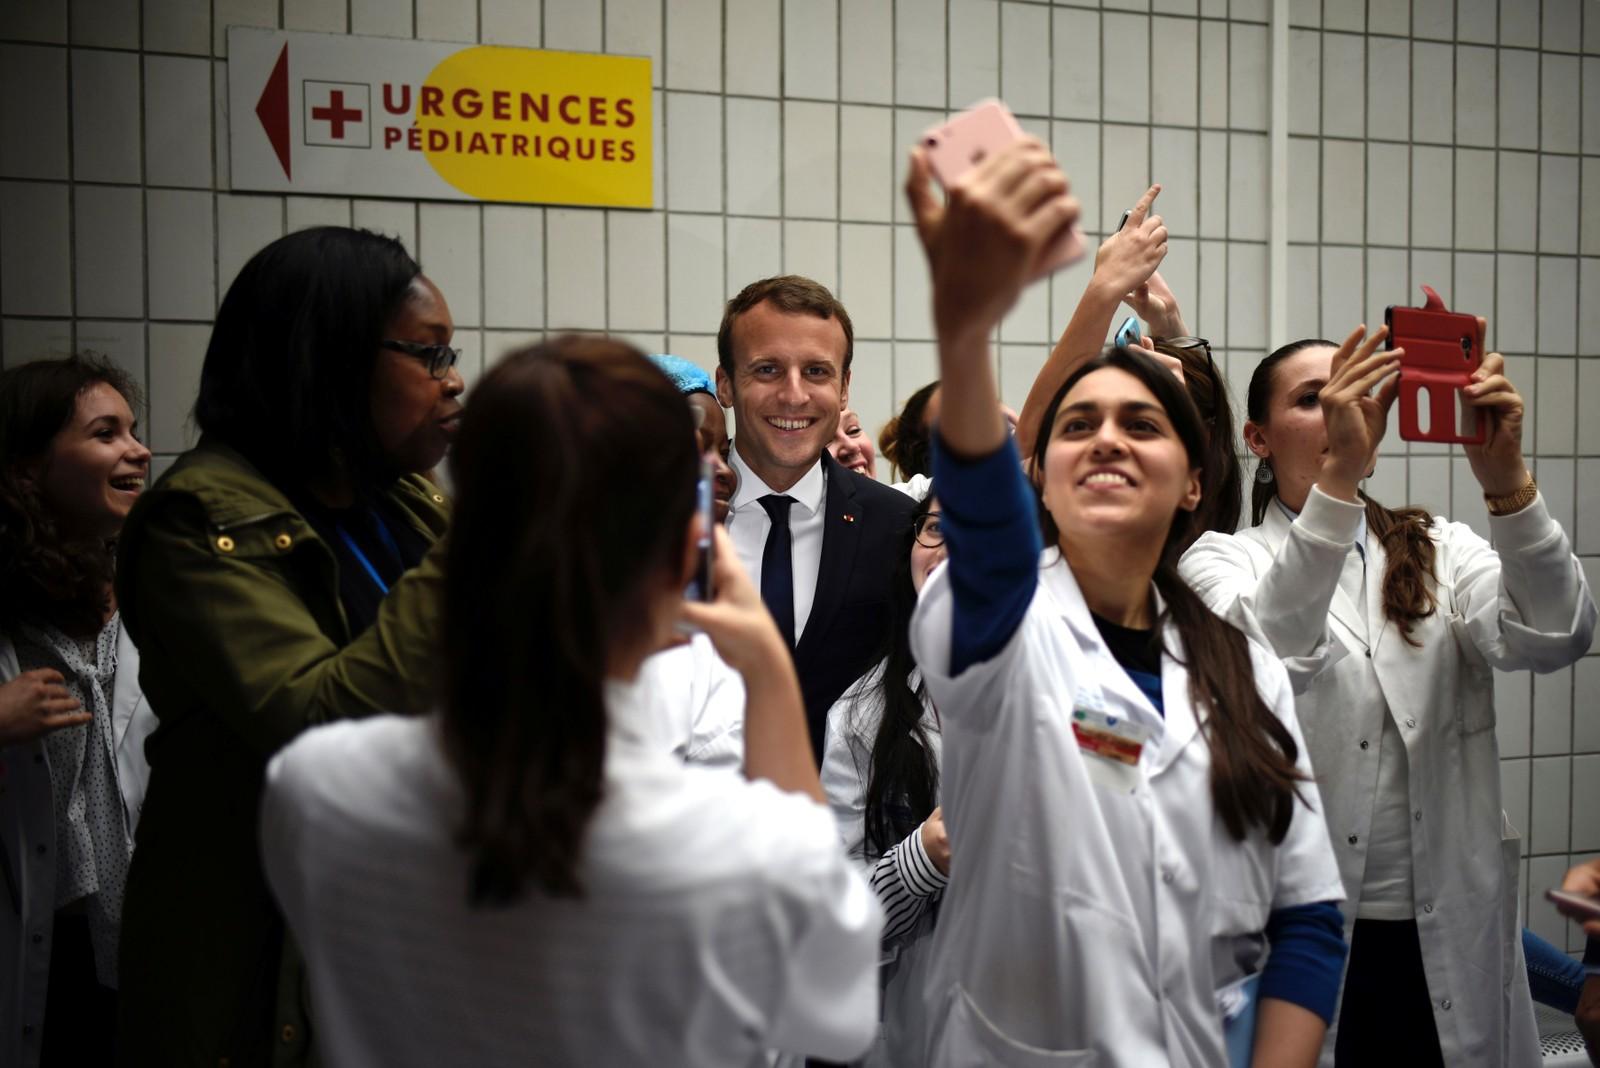 Frankrikes president Emmanuel Macron poserte for selfies med ansatte da han besøkte barnesykehuset Robert-Debre i Paris onsdag denne uken.